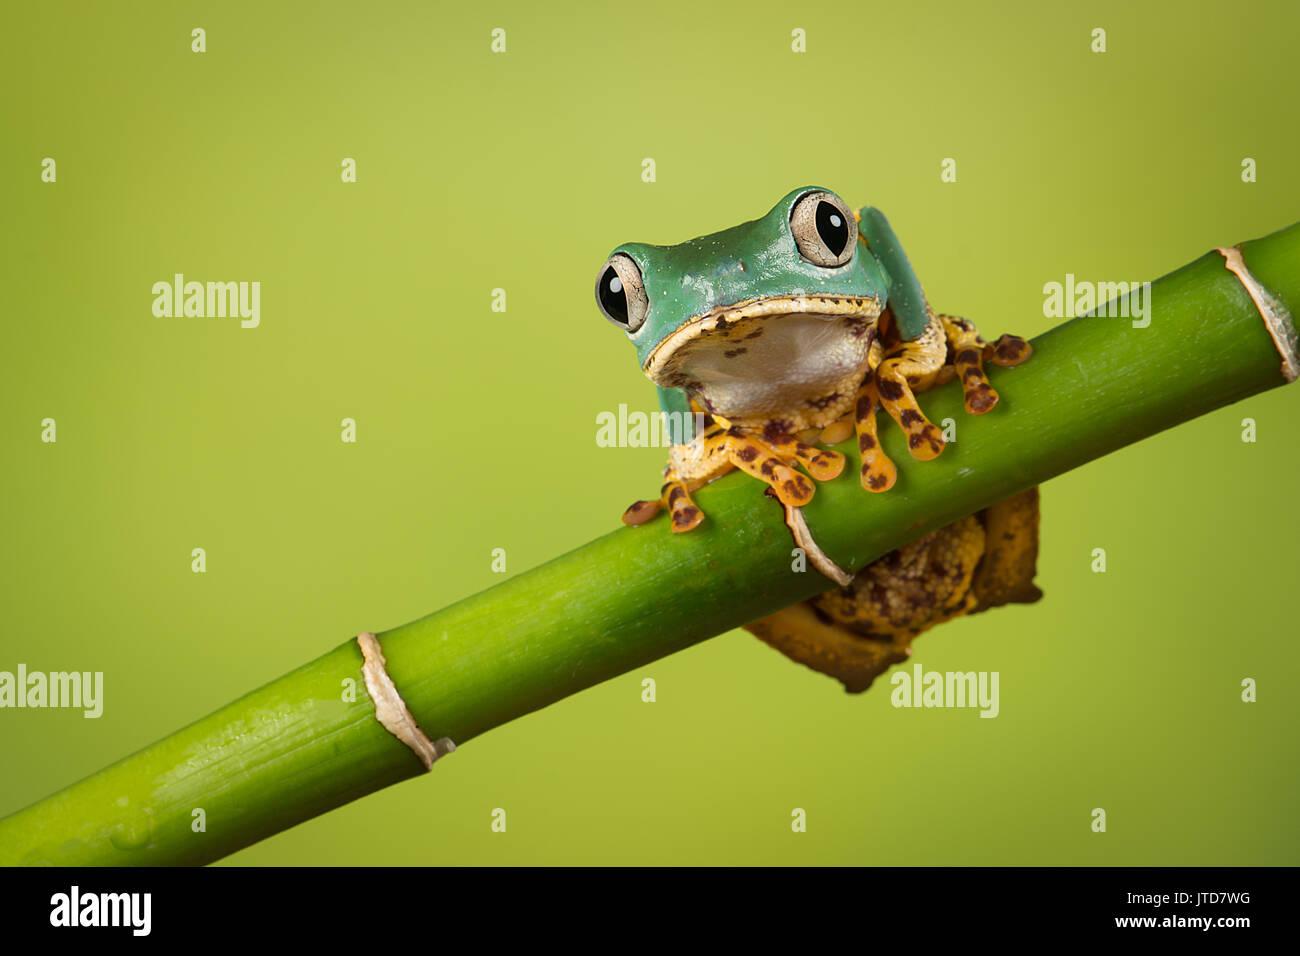 Super Tigre rana mono pierna equilibrio sobre un brote de bambú, también conocida como la rana arborícola ceroso Imagen De Stock